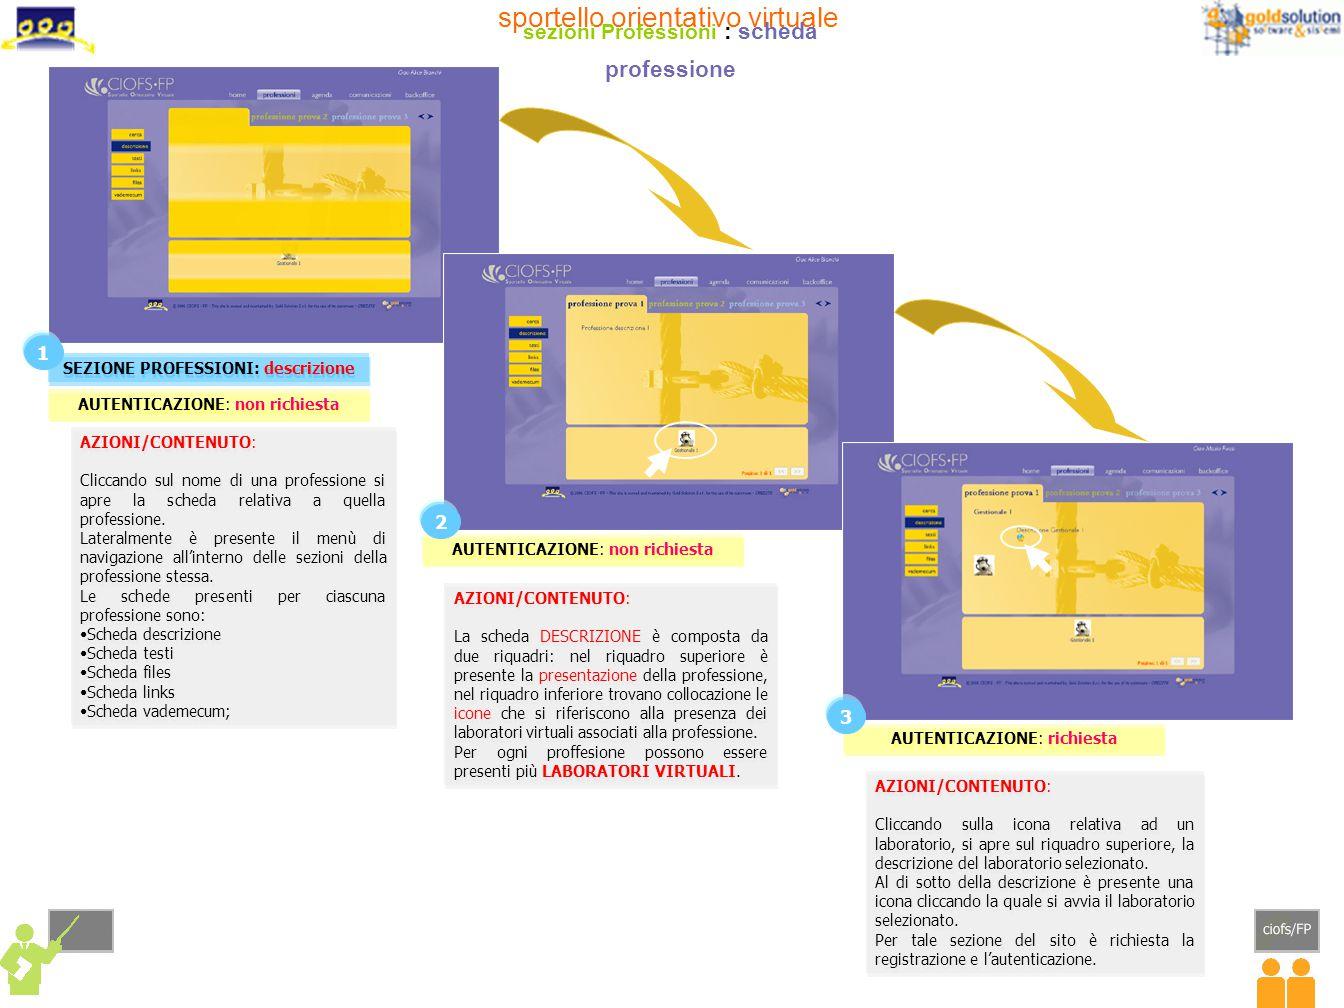 sportello orientativo virtuale sezione agenda Docente: STATISTICHE 3